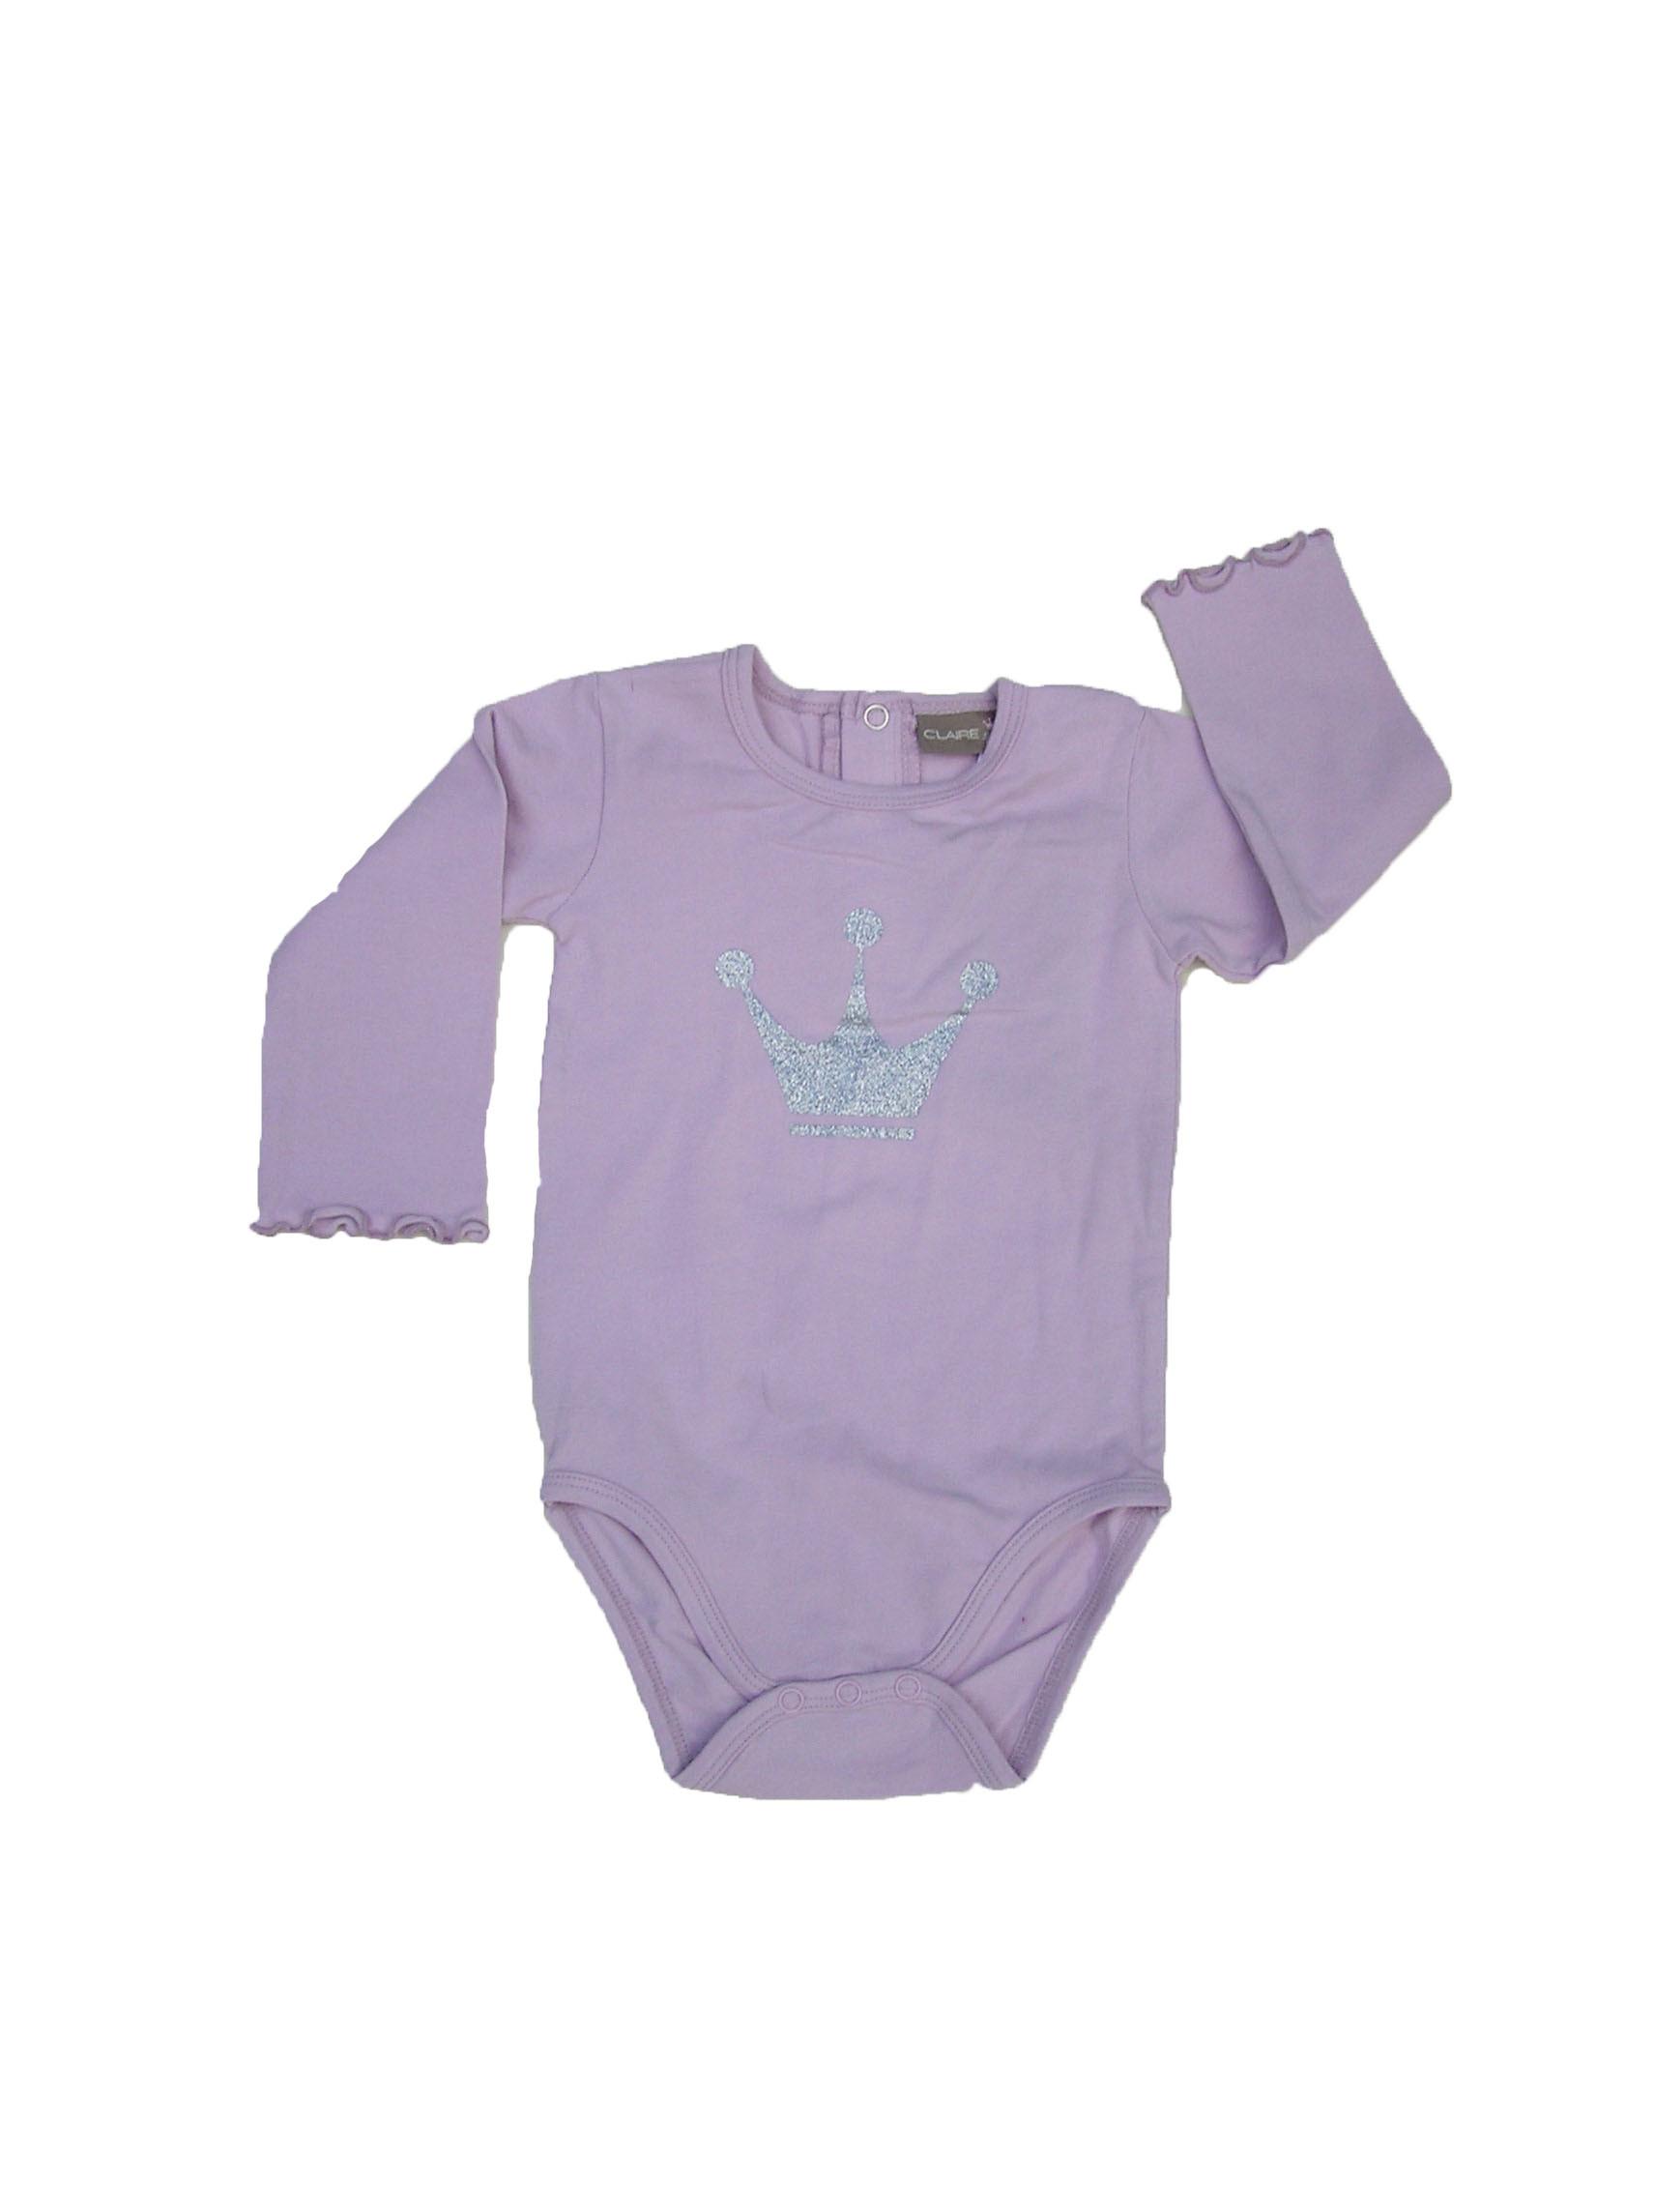 9e348ec6d2f Hust & Claire - Body til baby - Bodystocking til baby - Body med navn